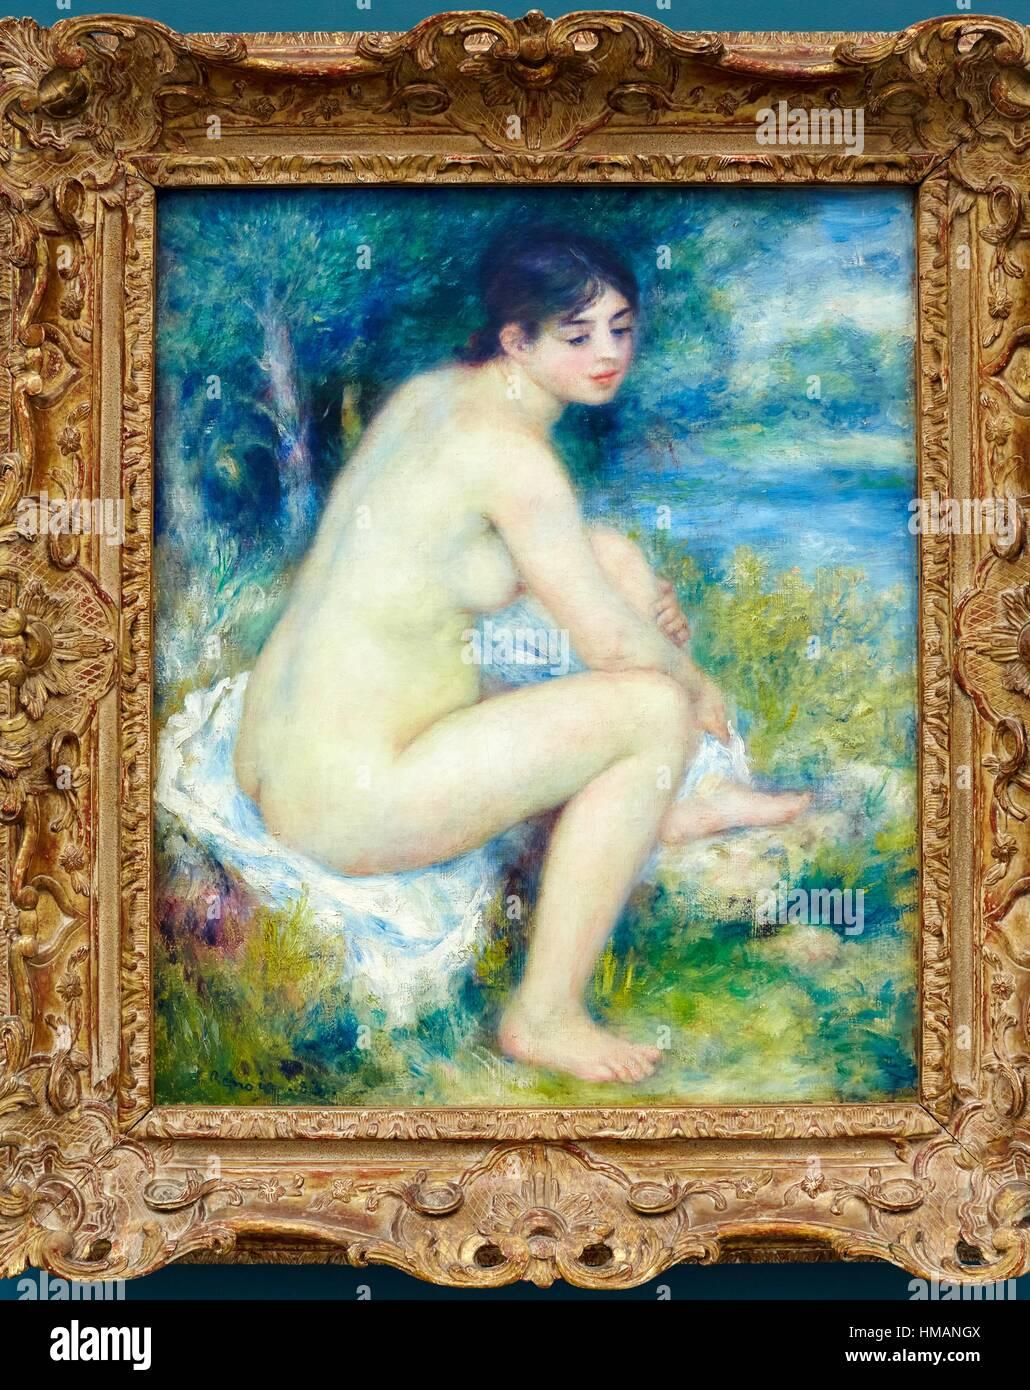 Femme nue dans un paysage, Pierre-Auguste Renoir, Musee de L´Orangerie, Tuileries, Paris, France - Stock Image